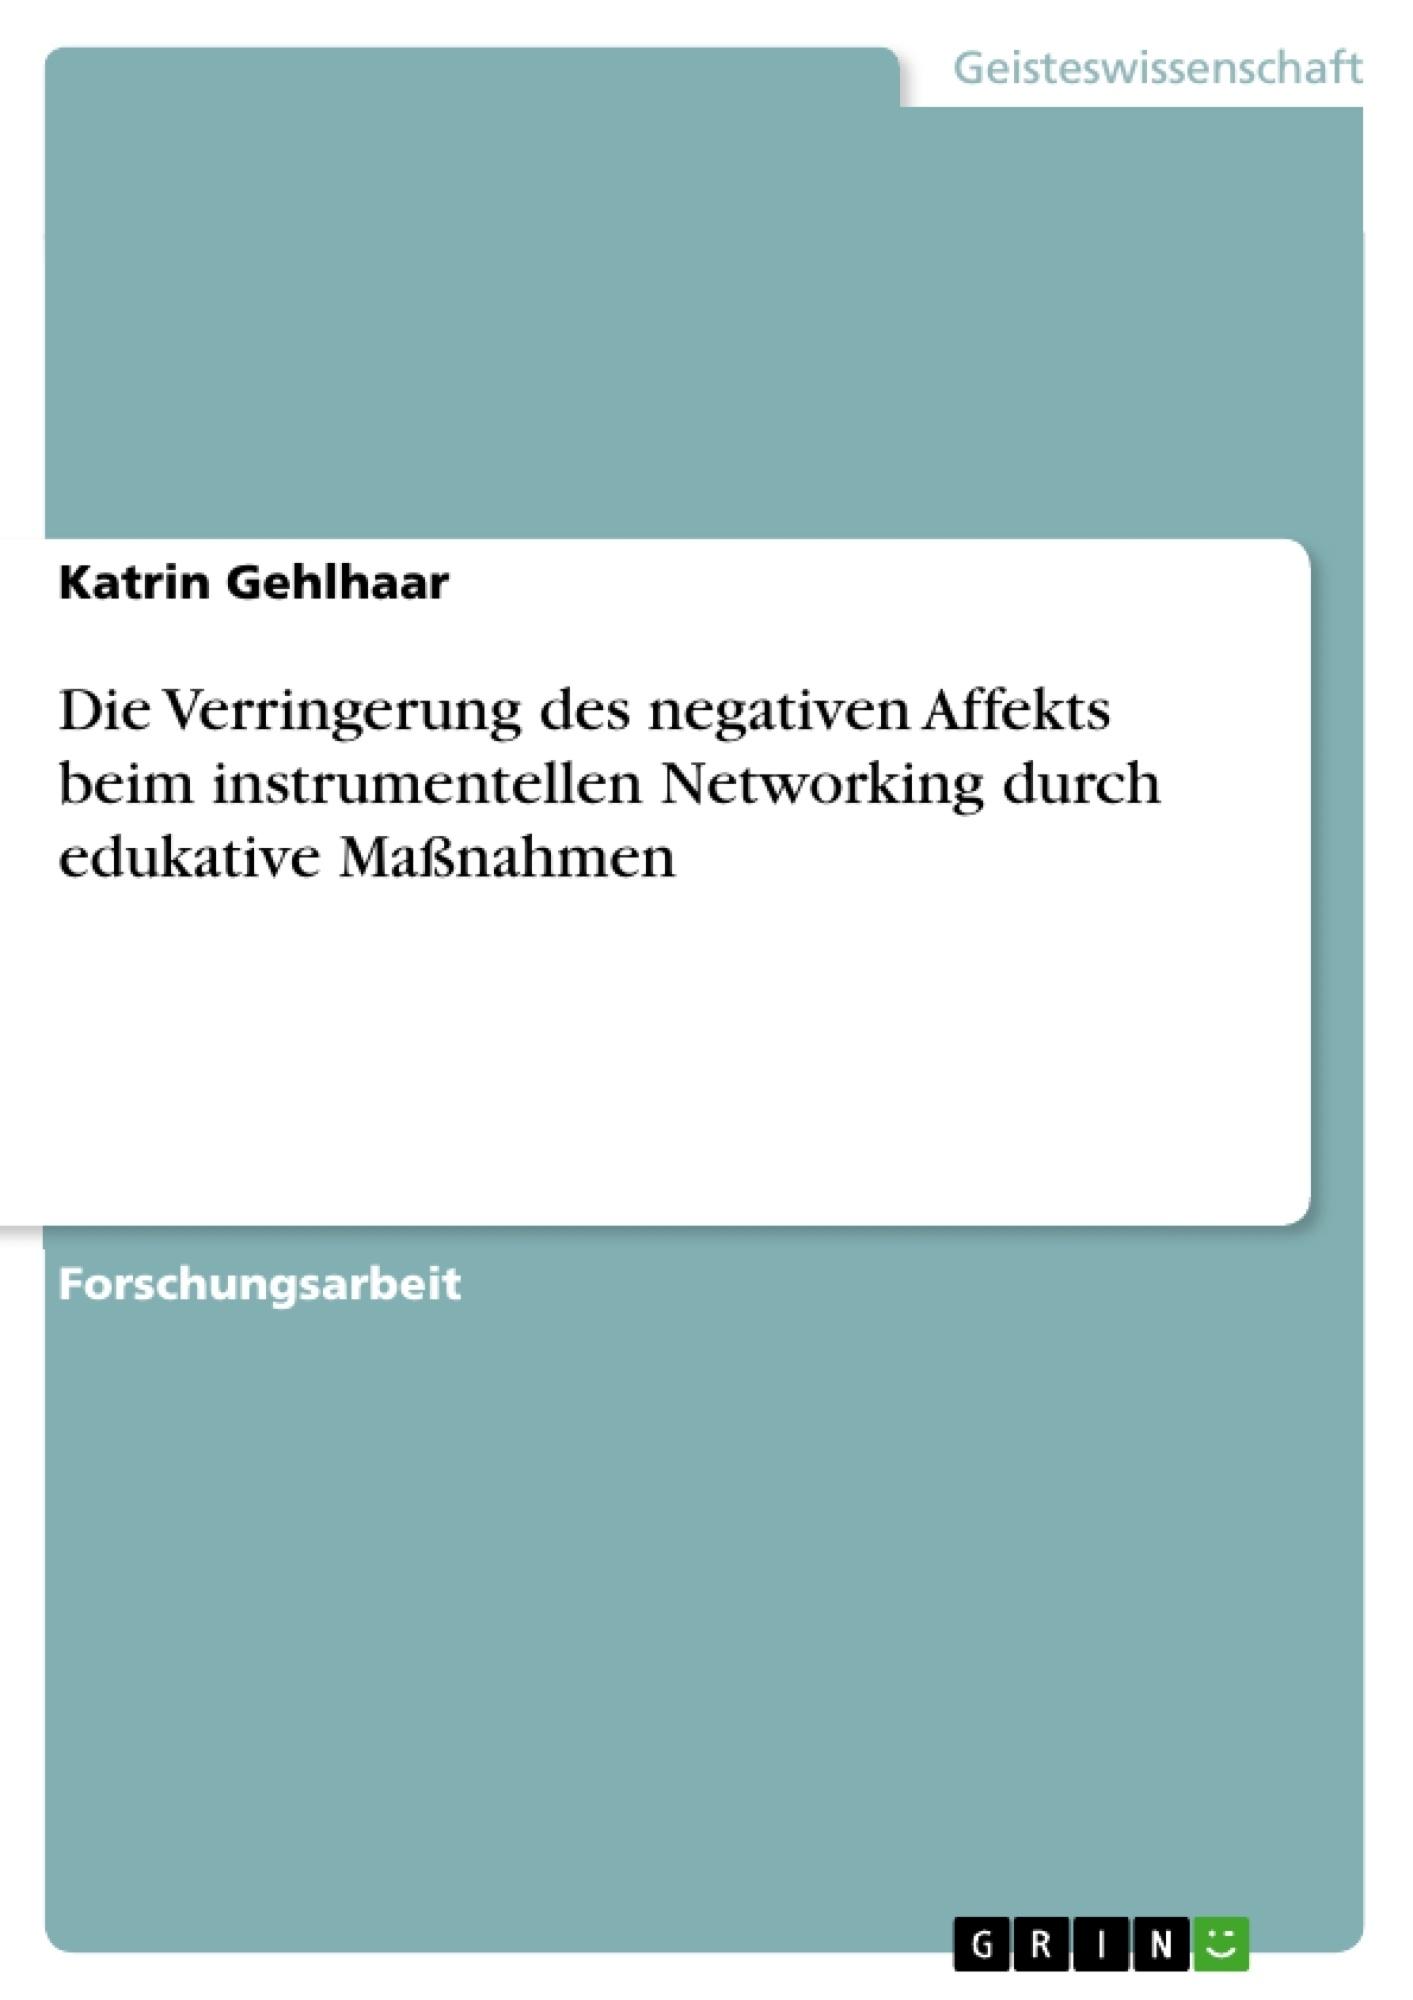 Titel: Die Verringerung des negativen Affekts beim instrumentellen Networking durch edukative Maßnahmen